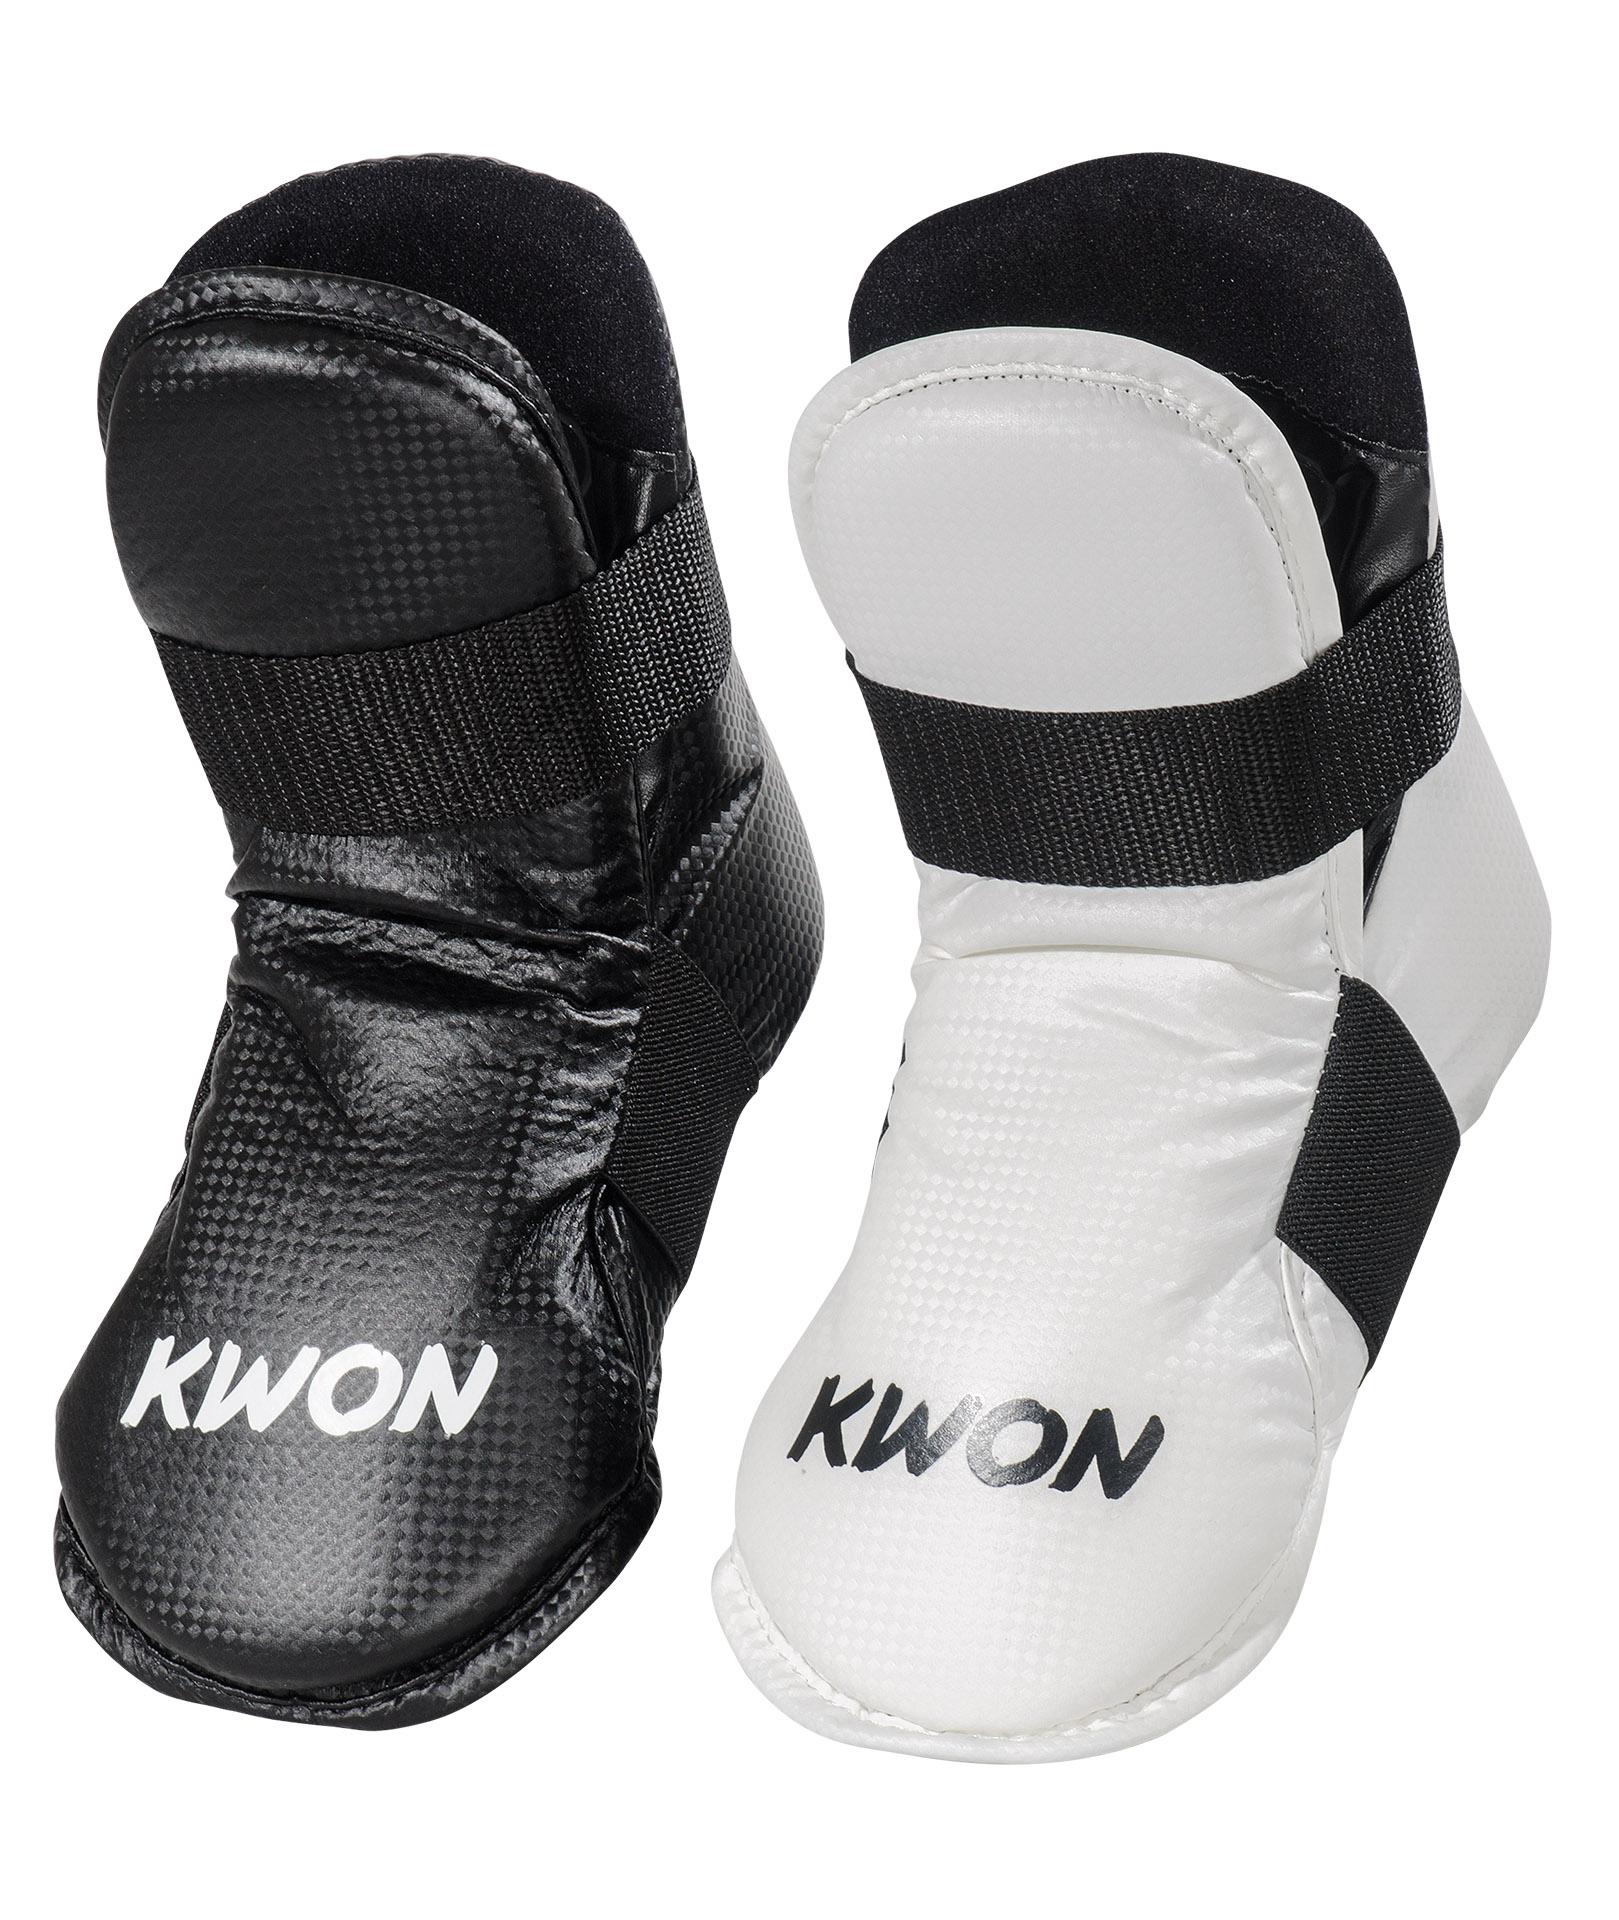 KWON Handschutz Semi-Tec M schwarz